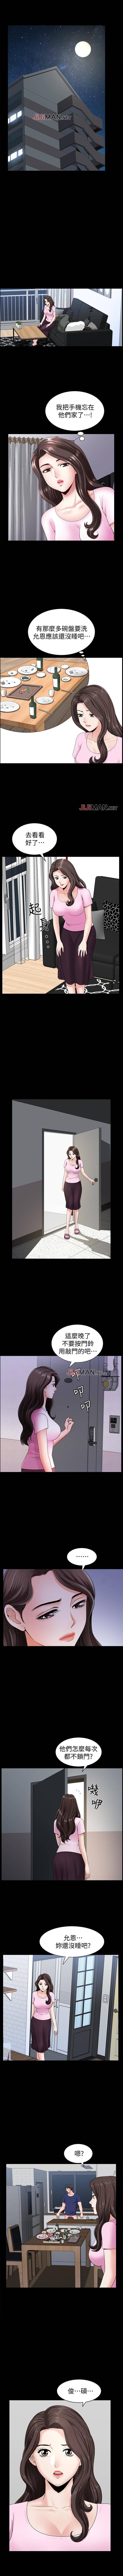 【周日连载】双妻生活(作者:skyso) 第1~23话 30